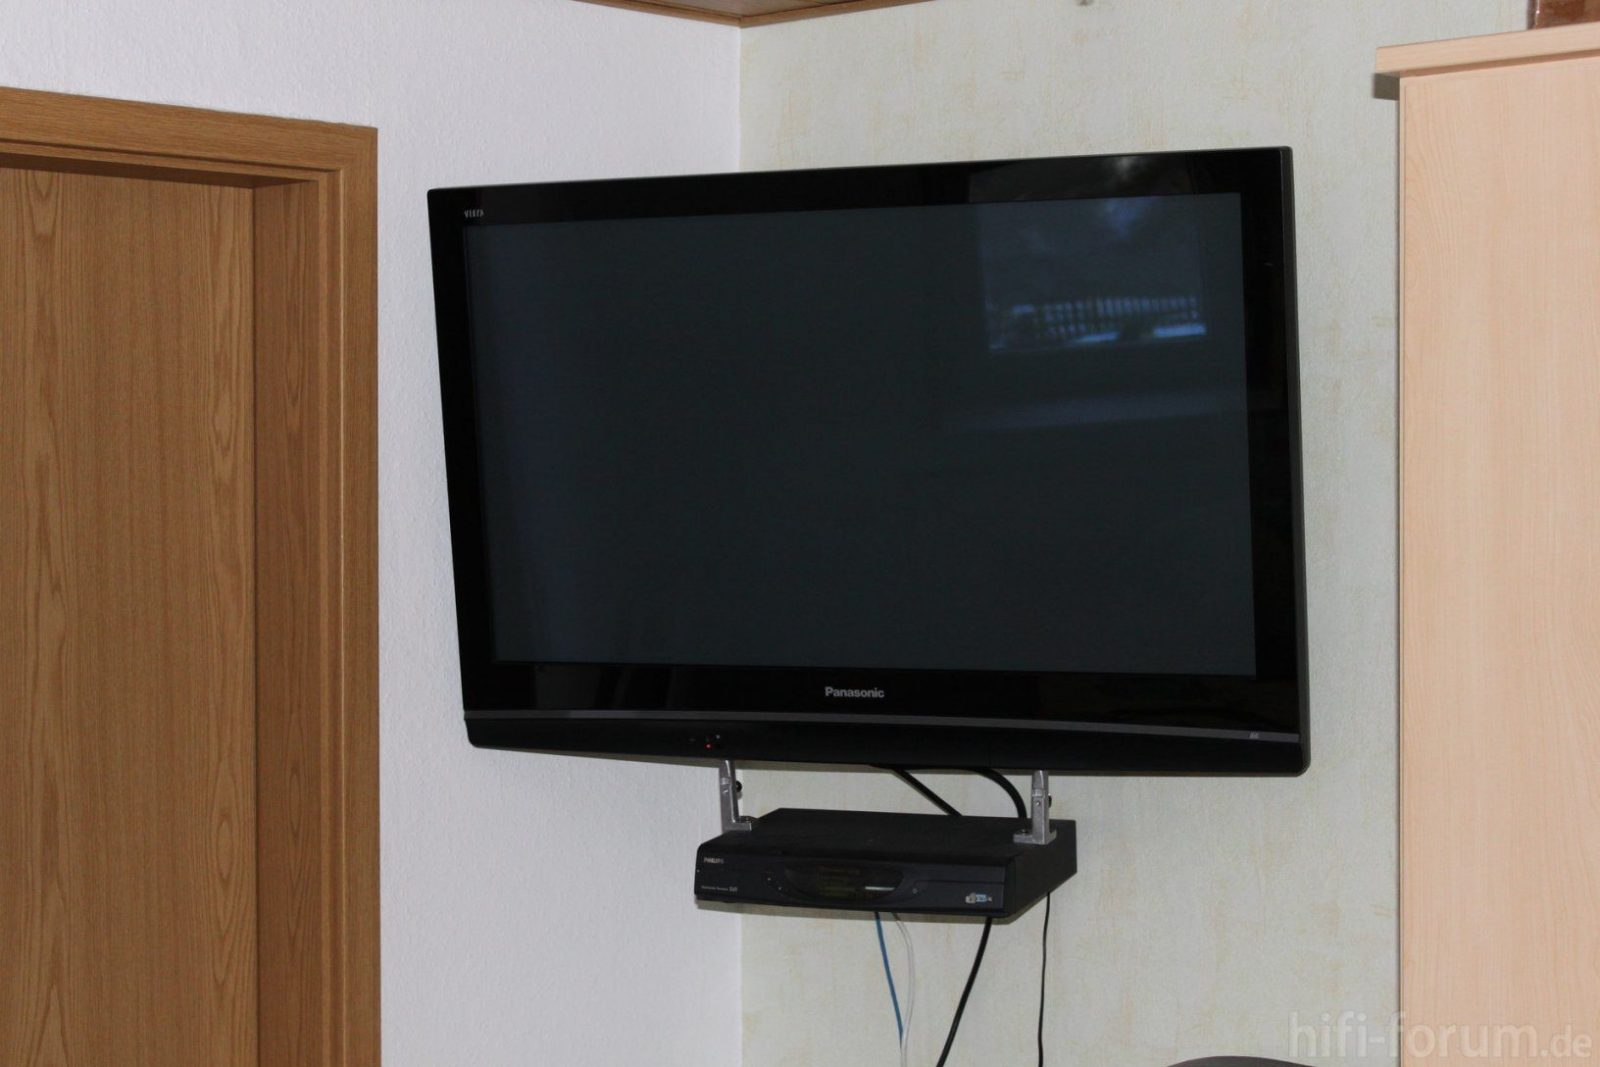 Fabelhafte Fernseher An Der Wand Kabel Verstecken Tv Wandhalterung von Fernseher An Wand Kabel Verstecken Photo